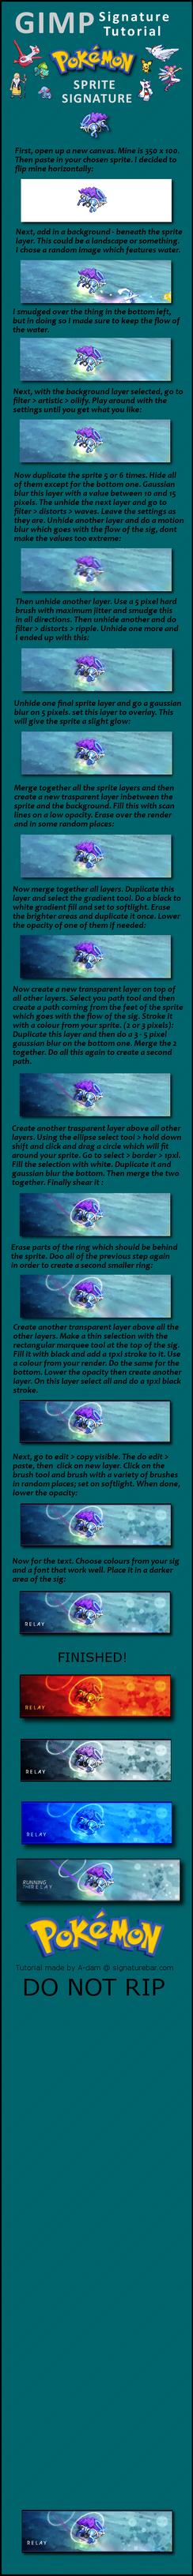 GIMP sprite signature tutorial by Shallowmede-X